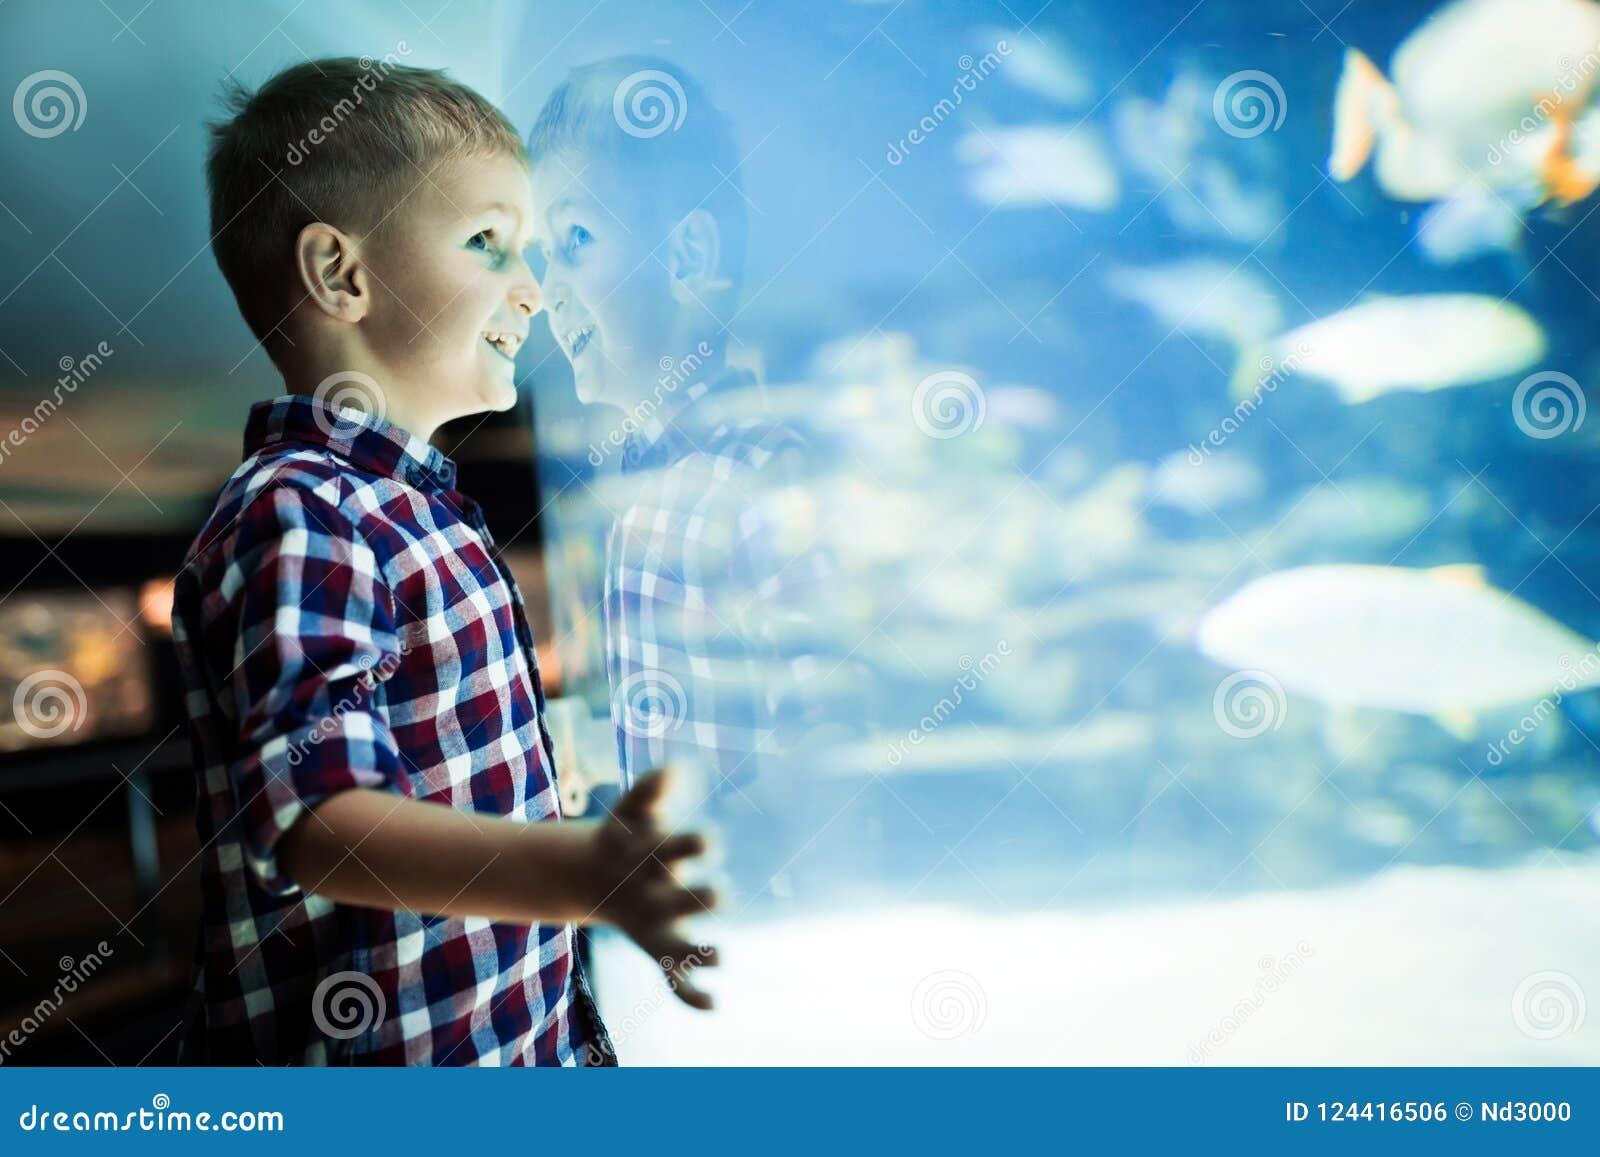 Ernster Junge, der im Aquarium mit tropischen Fischen schaut